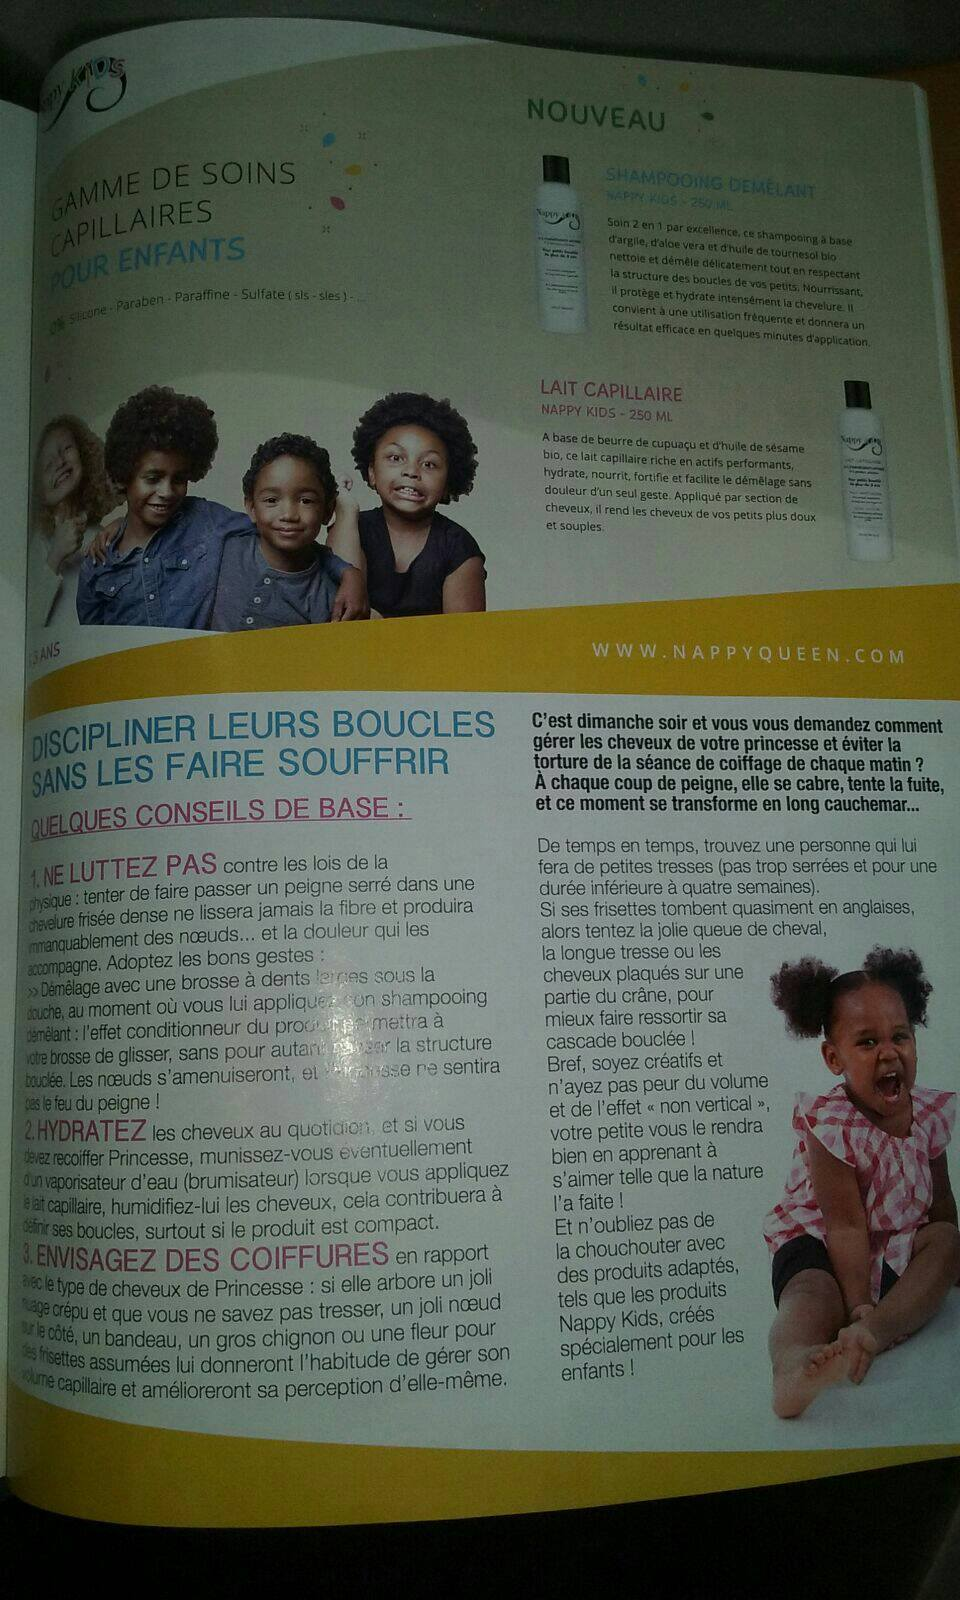 Nappy Kids à l'honneur dans le magazine Black Beauty Mag